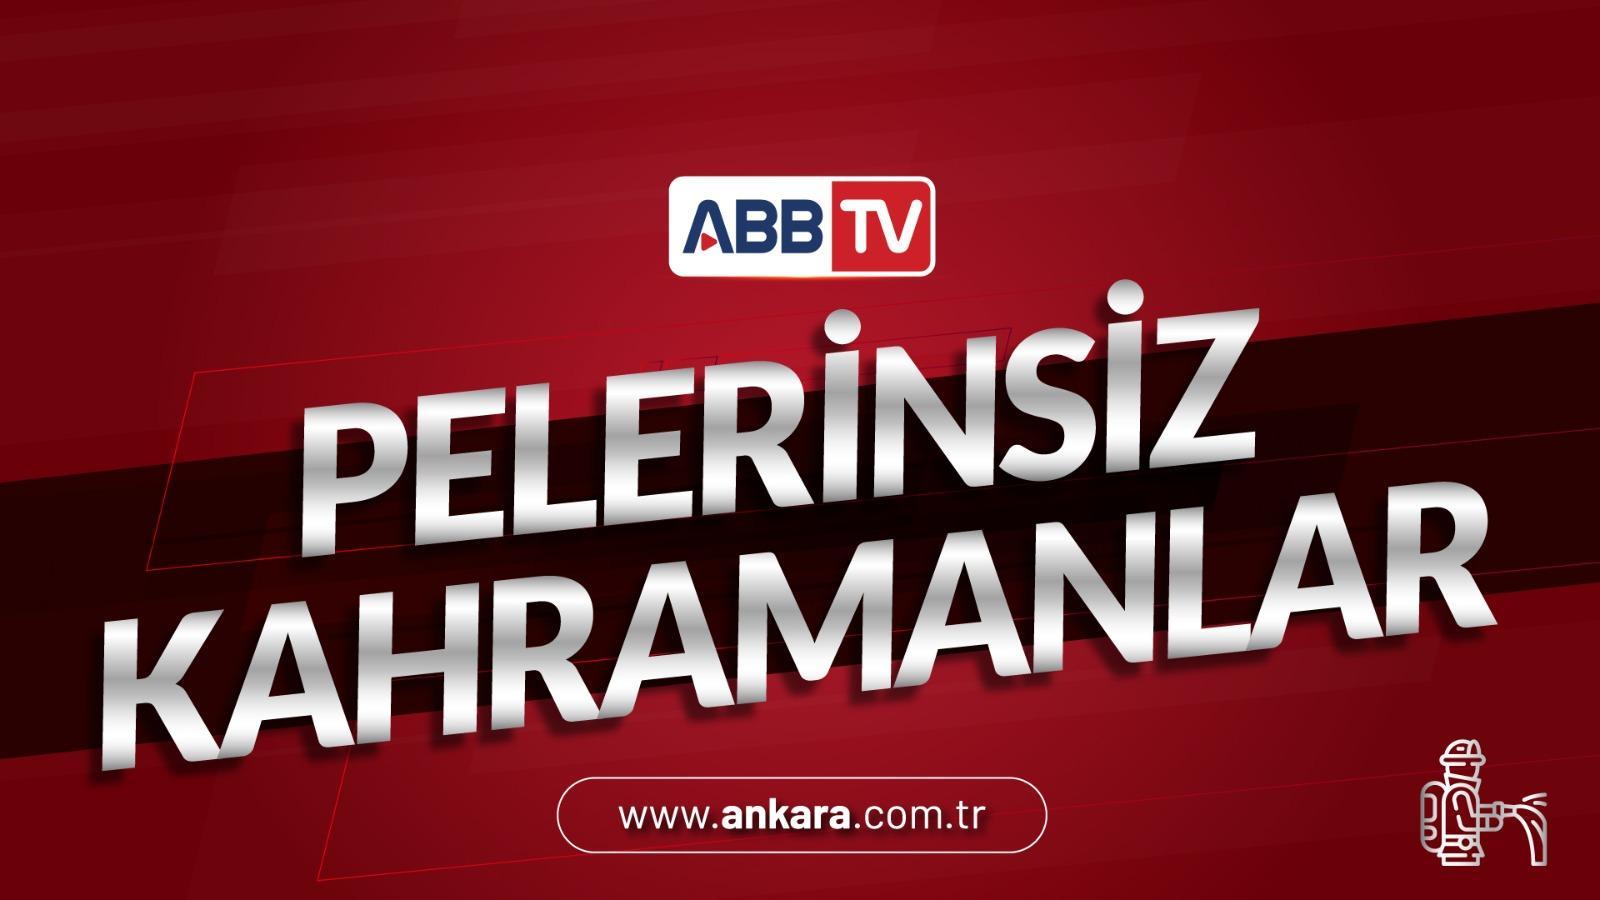 PELERİNSİZ KAHRAMANLAR - 5. BÖLÜM